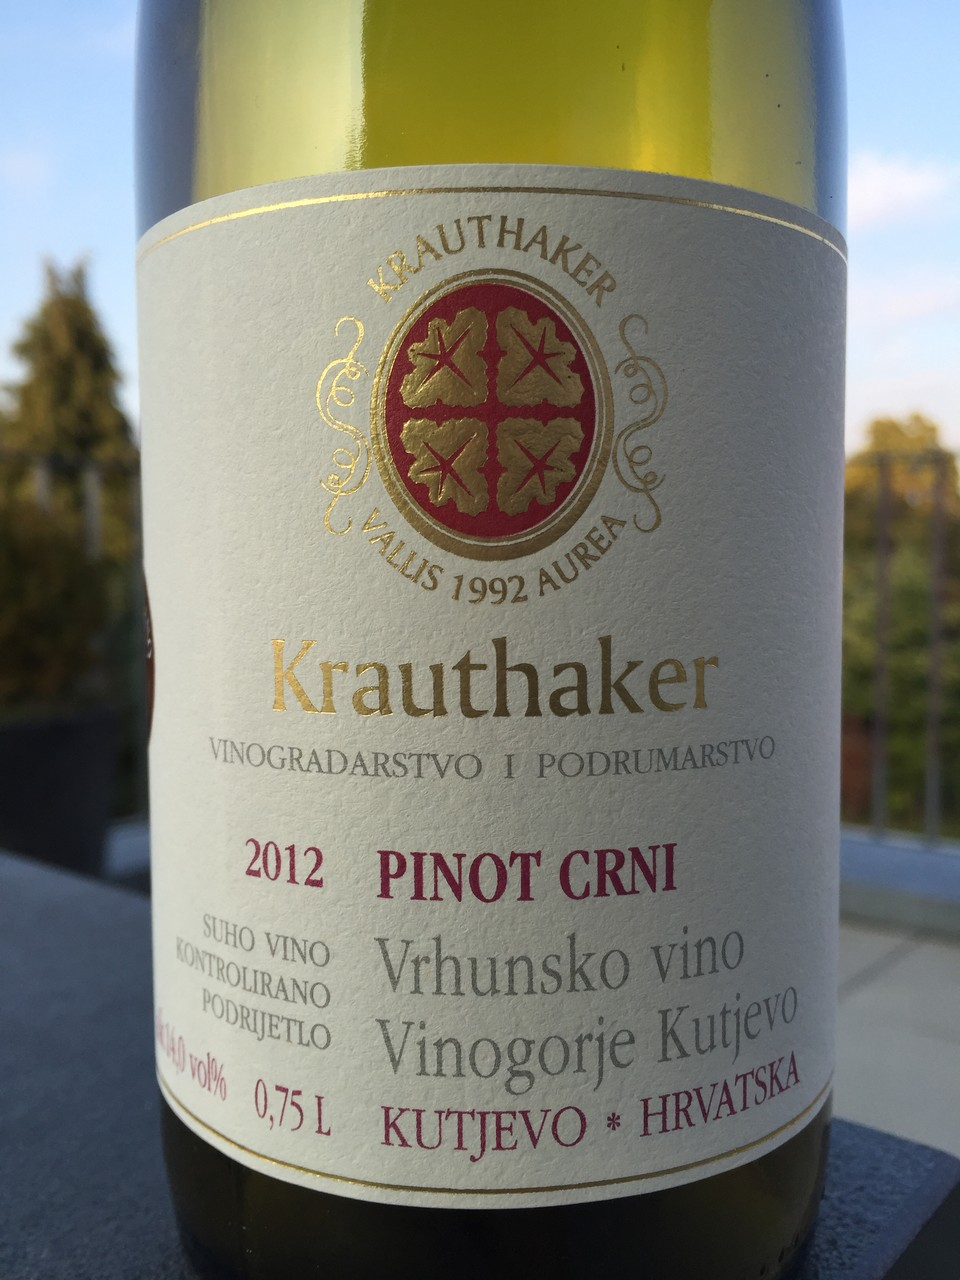 Pinot Crni, Krauthaker, 2012